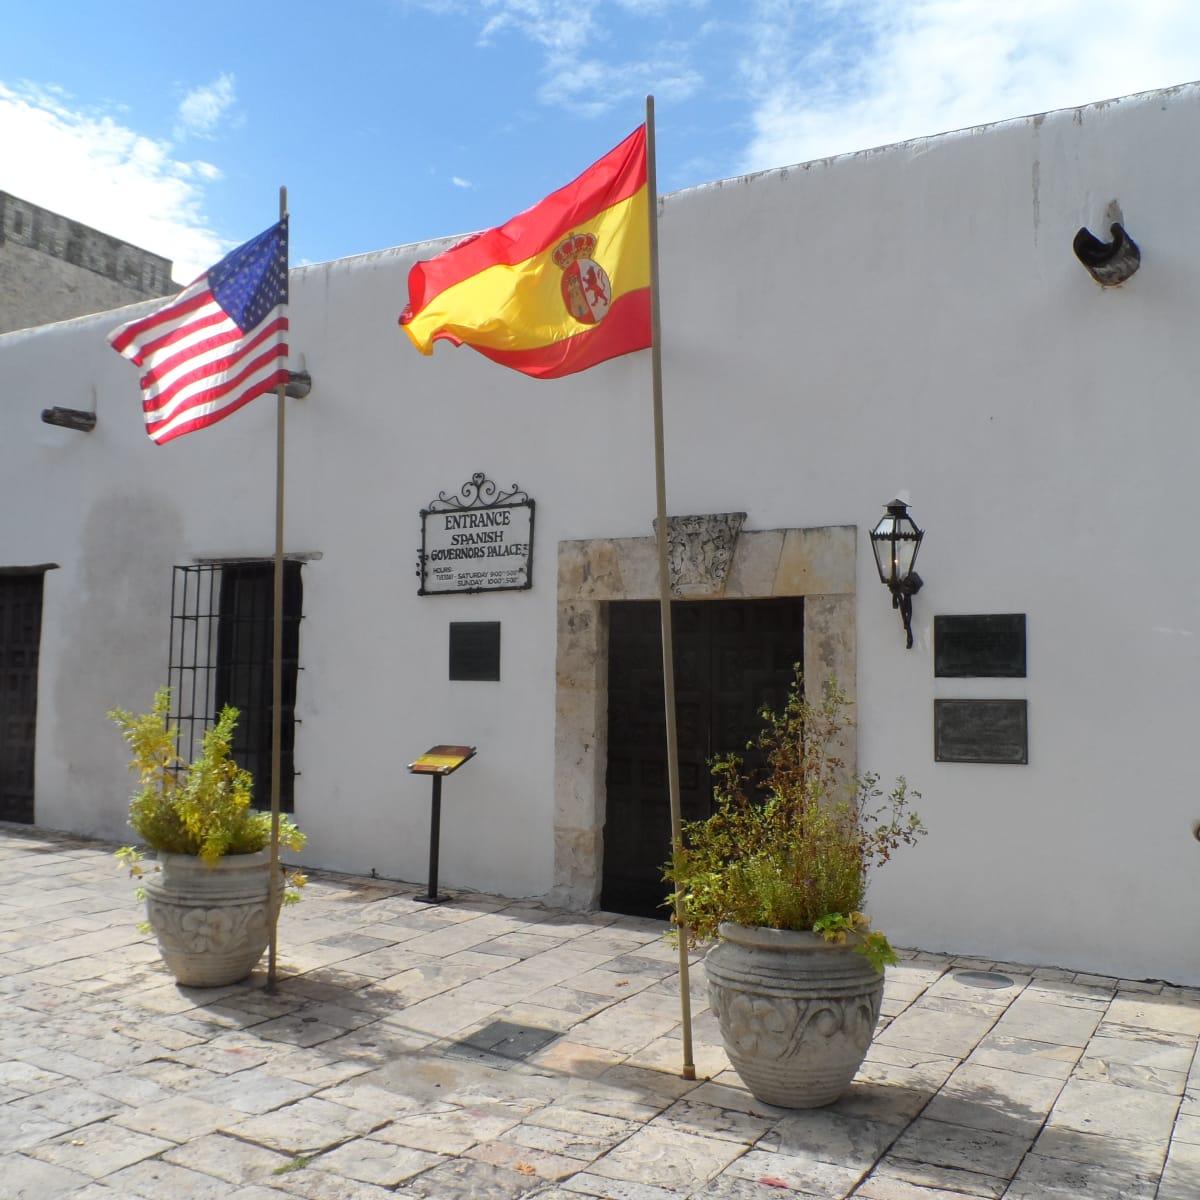 Spanish Governor's Palace San Antonio